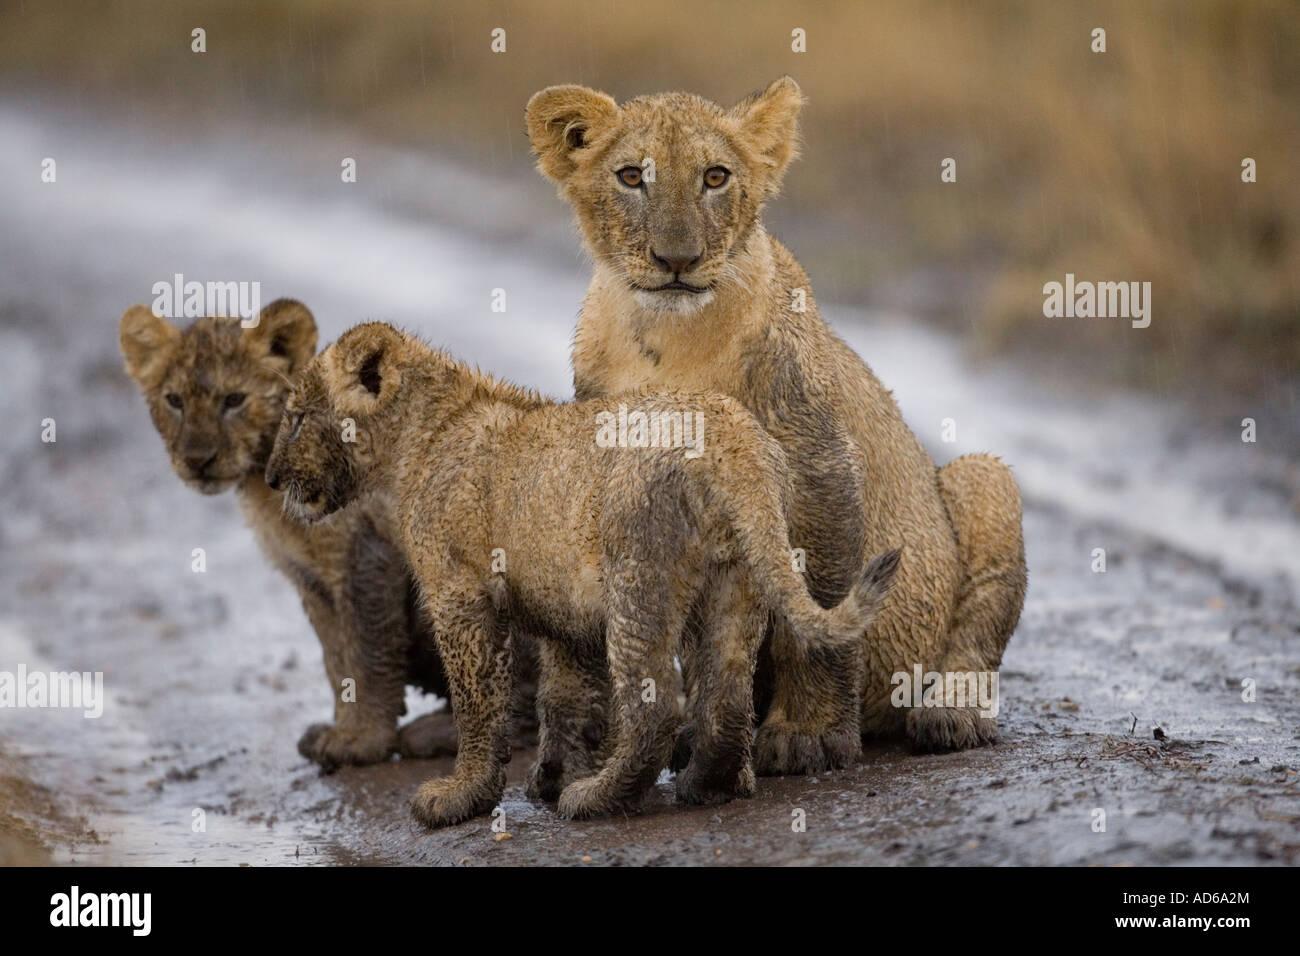 África Kenia la reserva Masai Mara cachorros de león Panthera leo sentado cubierto de barro mientras jugaba en la tormenta Foto de stock